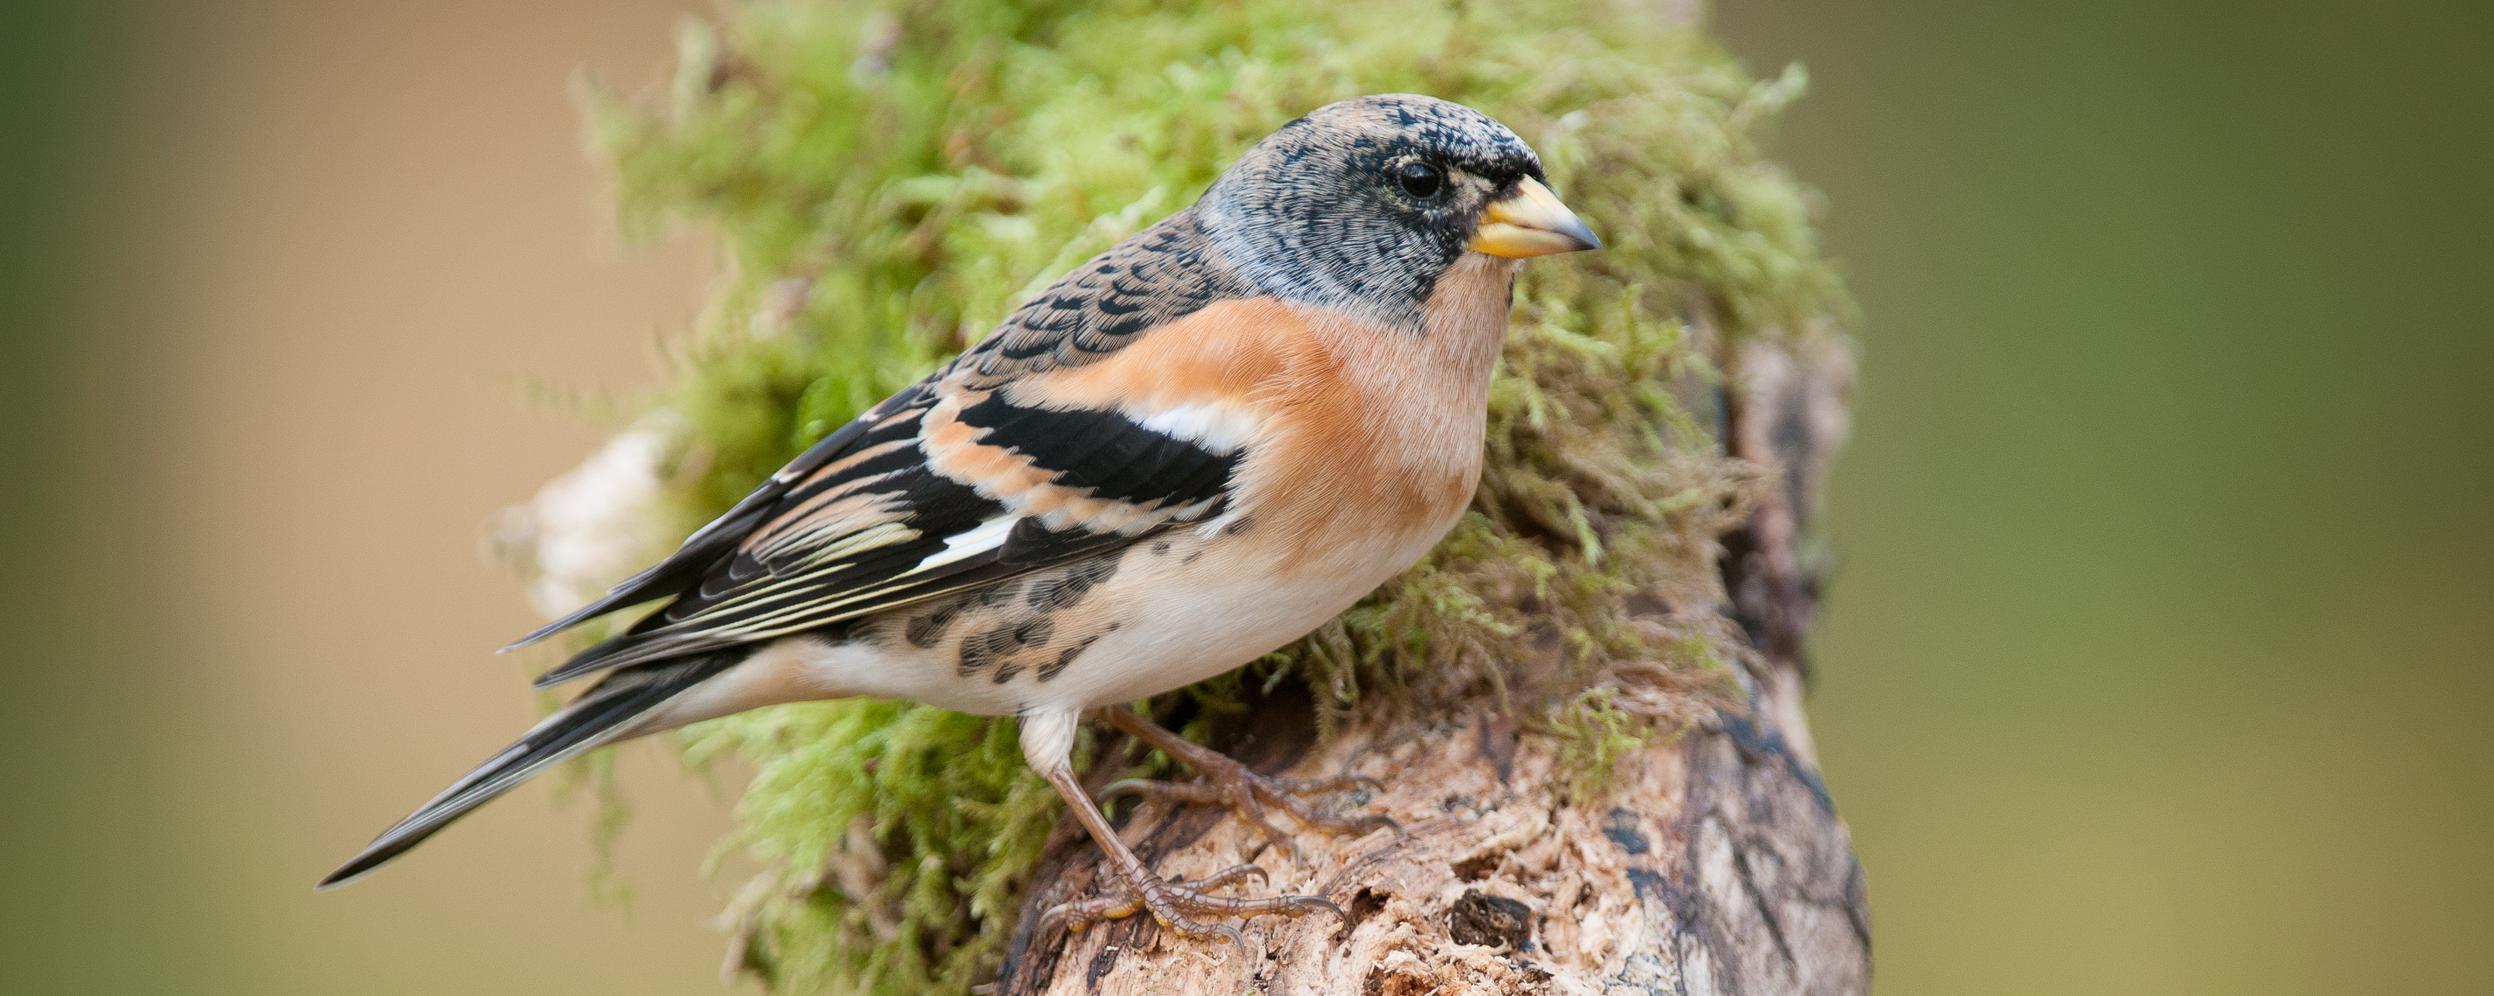 Betere Een vogelvriendelijke tuin | Natuurpunt VX-37